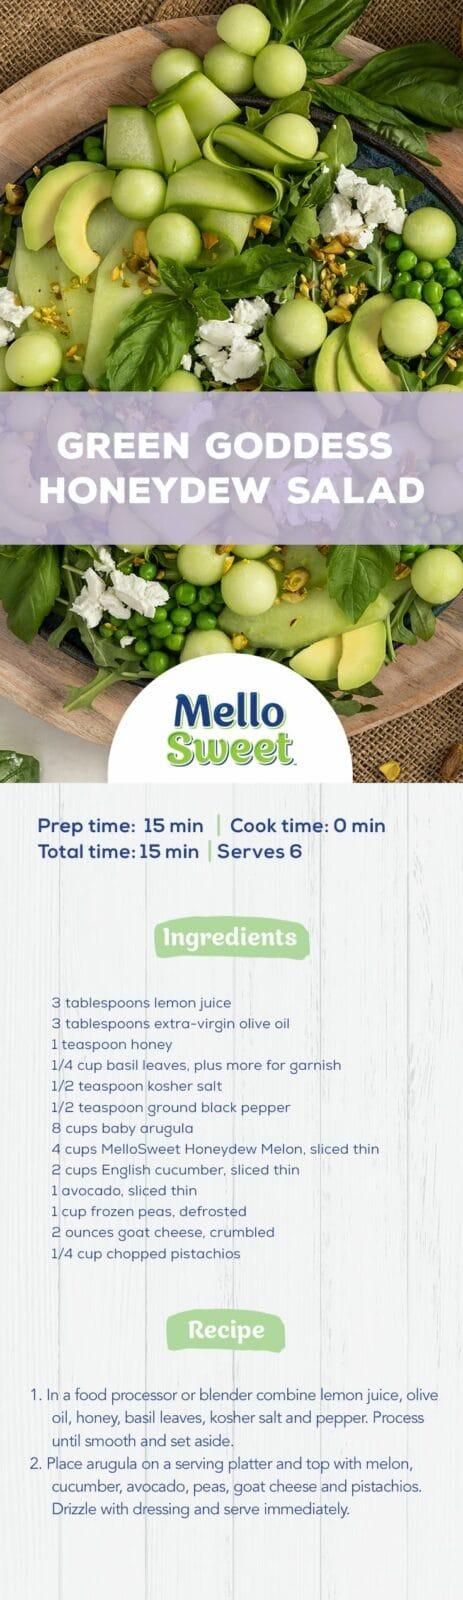 MelloSweet_PinterestPinPinterest_Green Goddess Honeydew Salad